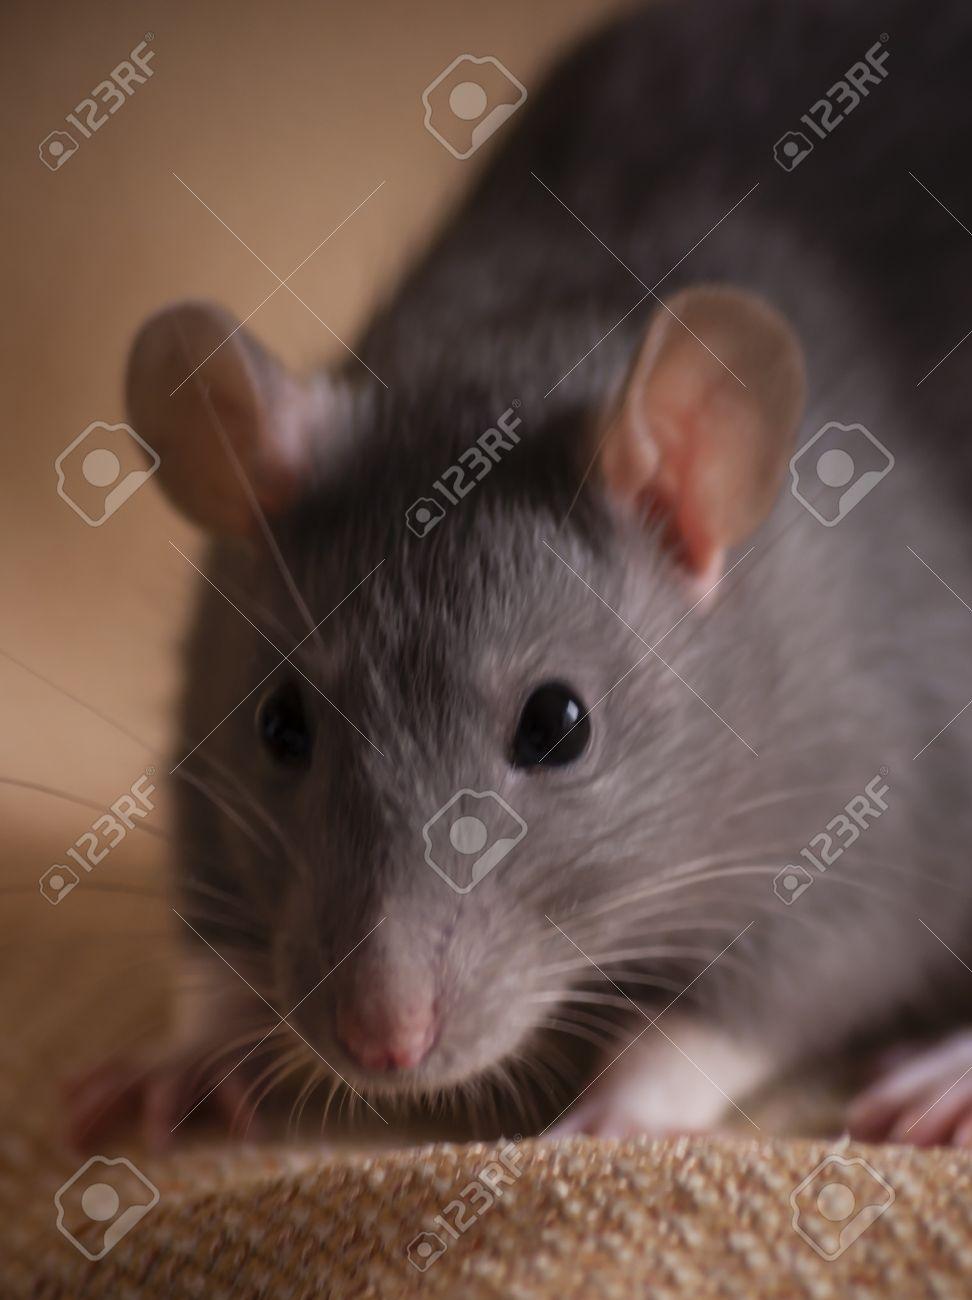 cute blue gray pet rat portrait Stock Photo - 18700479